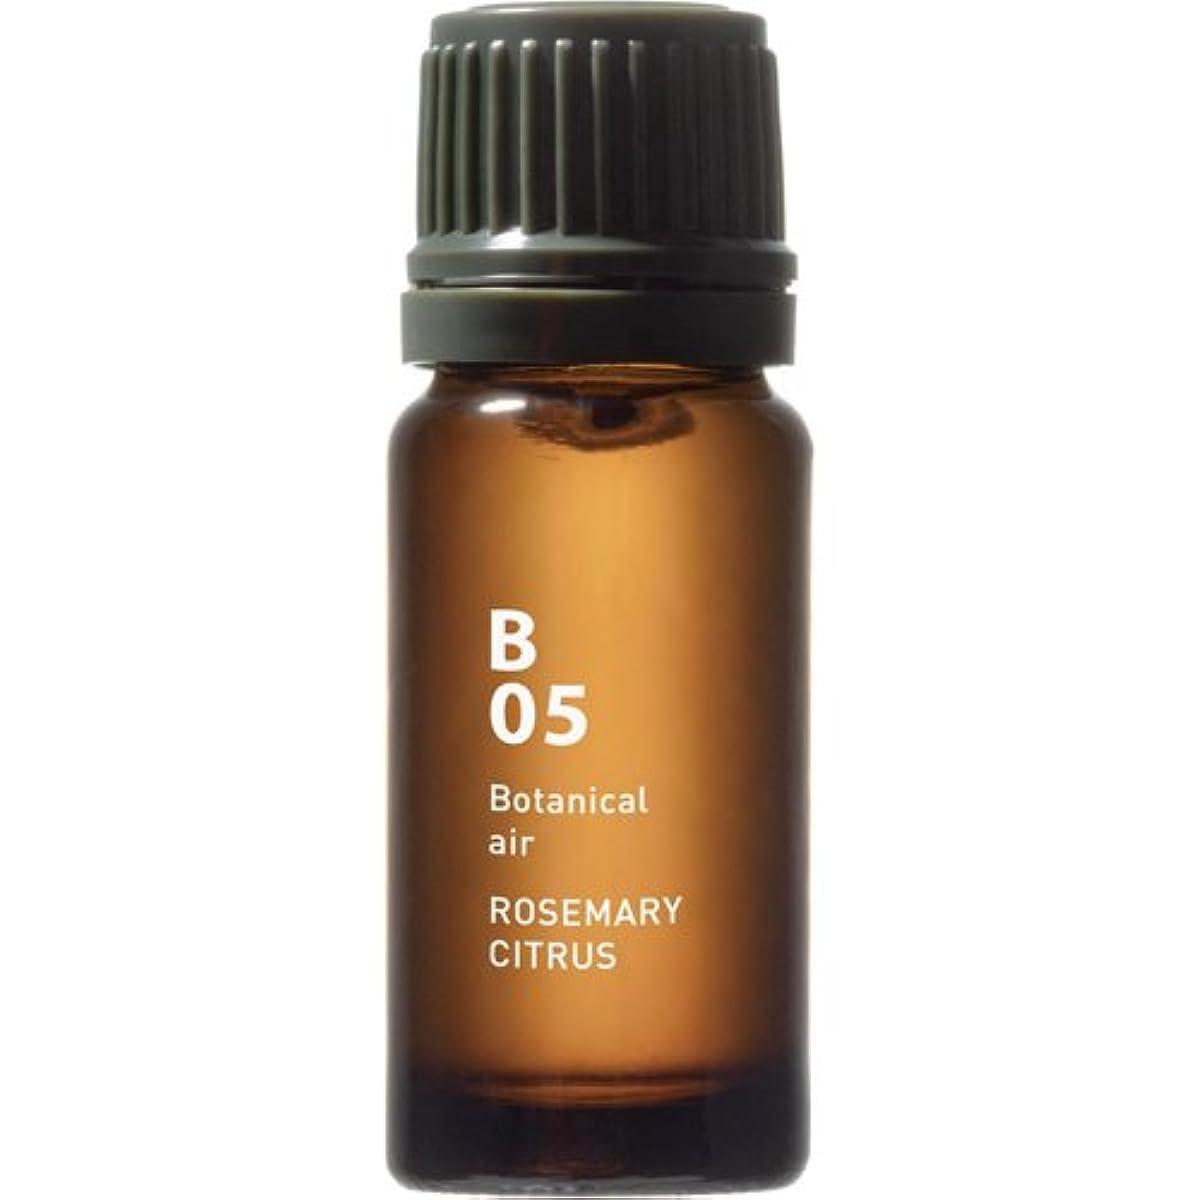 石の公式なんでもB05 ローズマリーシトラス Botanical air(ボタニカルエアー) 10ml